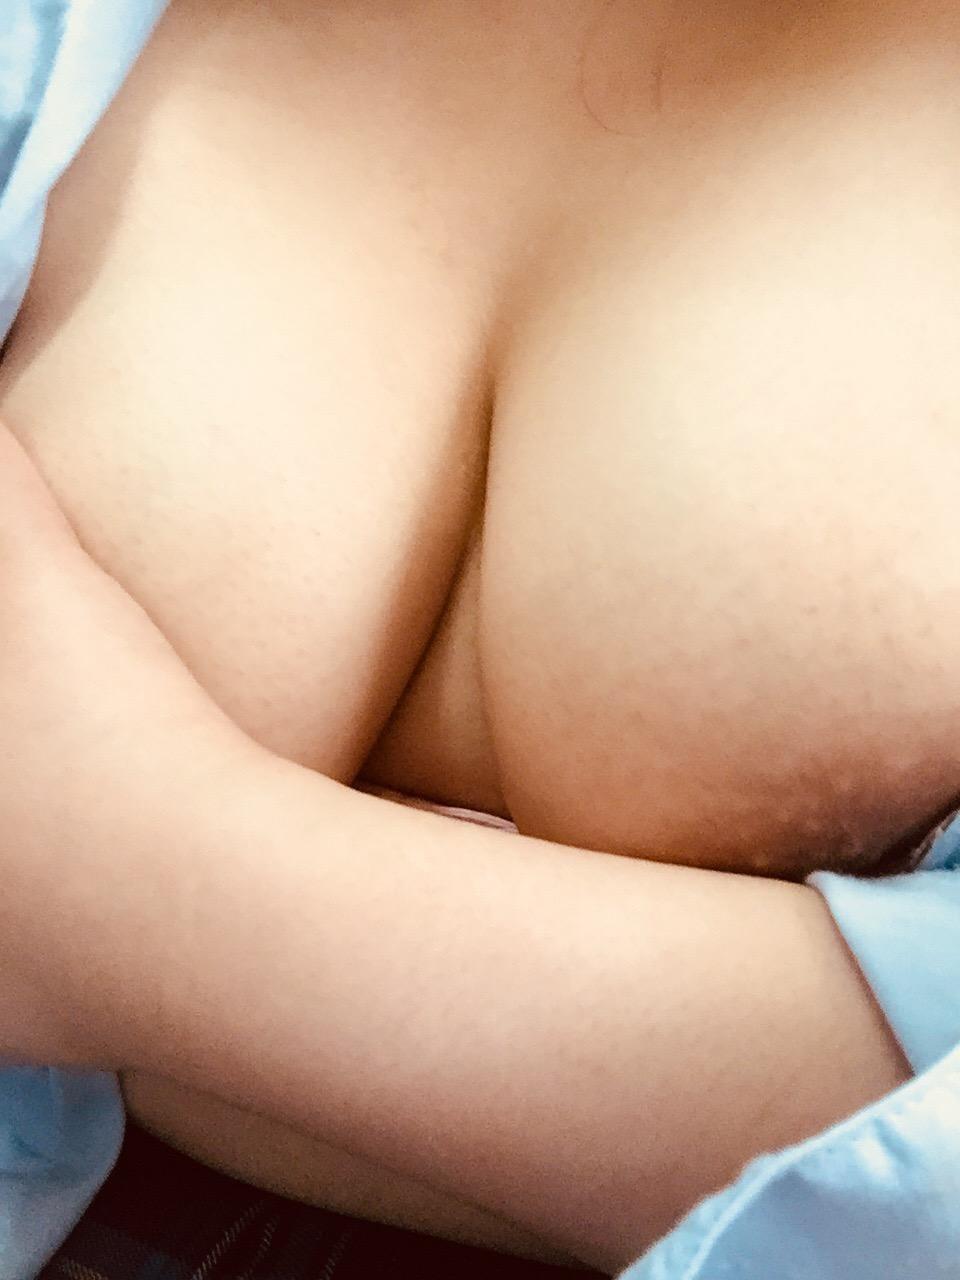 大原「No36 大原」10/19(金) 11:45 | 大原の写メ・風俗動画